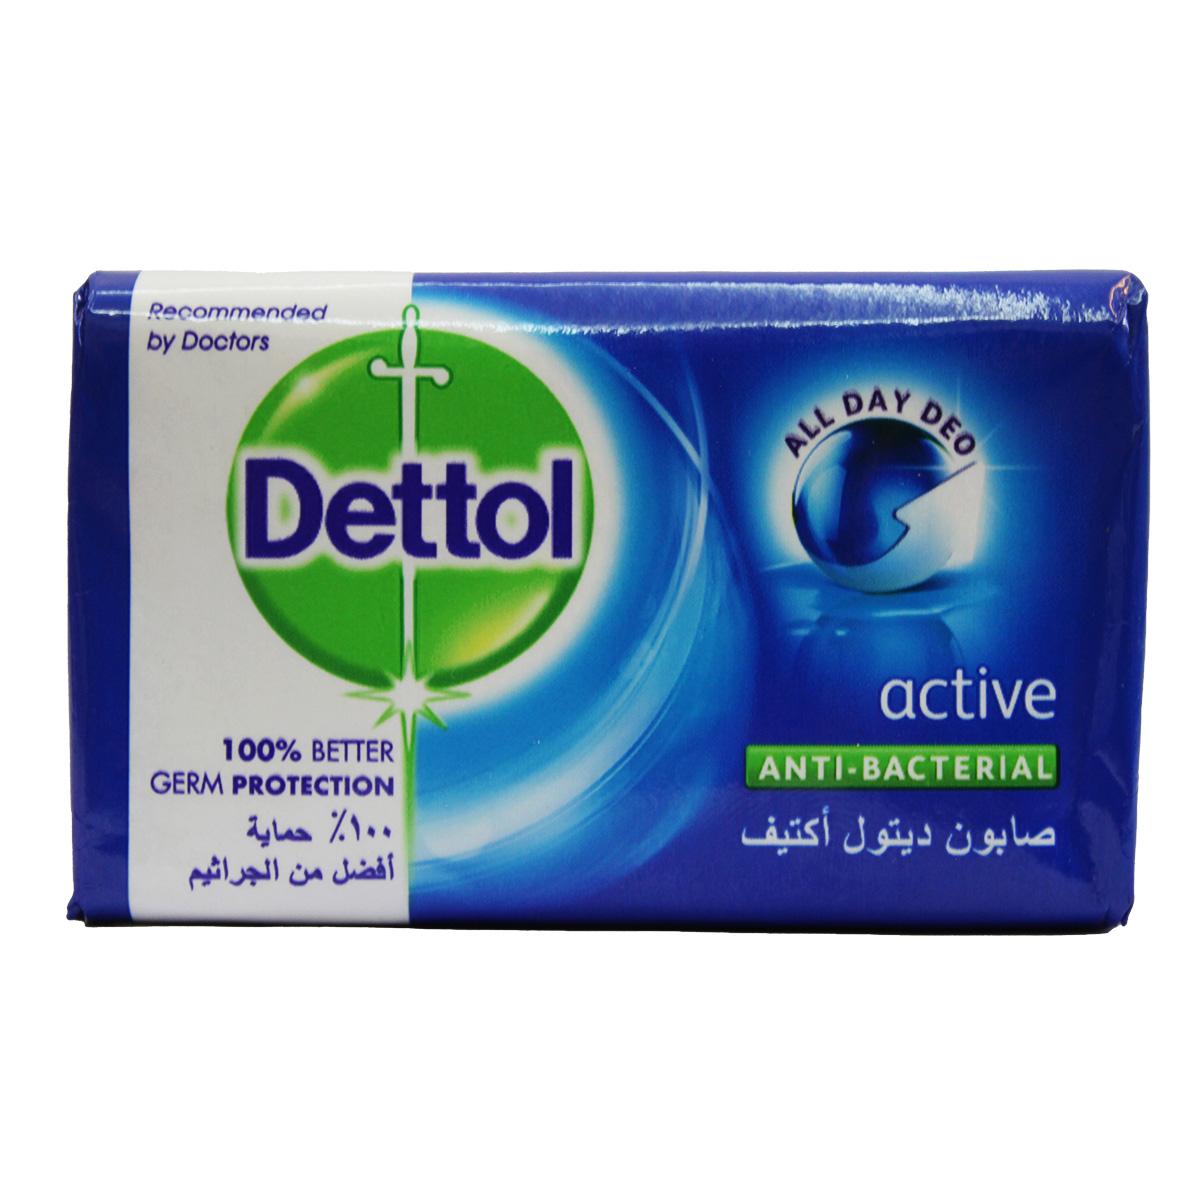 صابون ضد باکتری دتول مدل اکتیو وزن 70 گرم